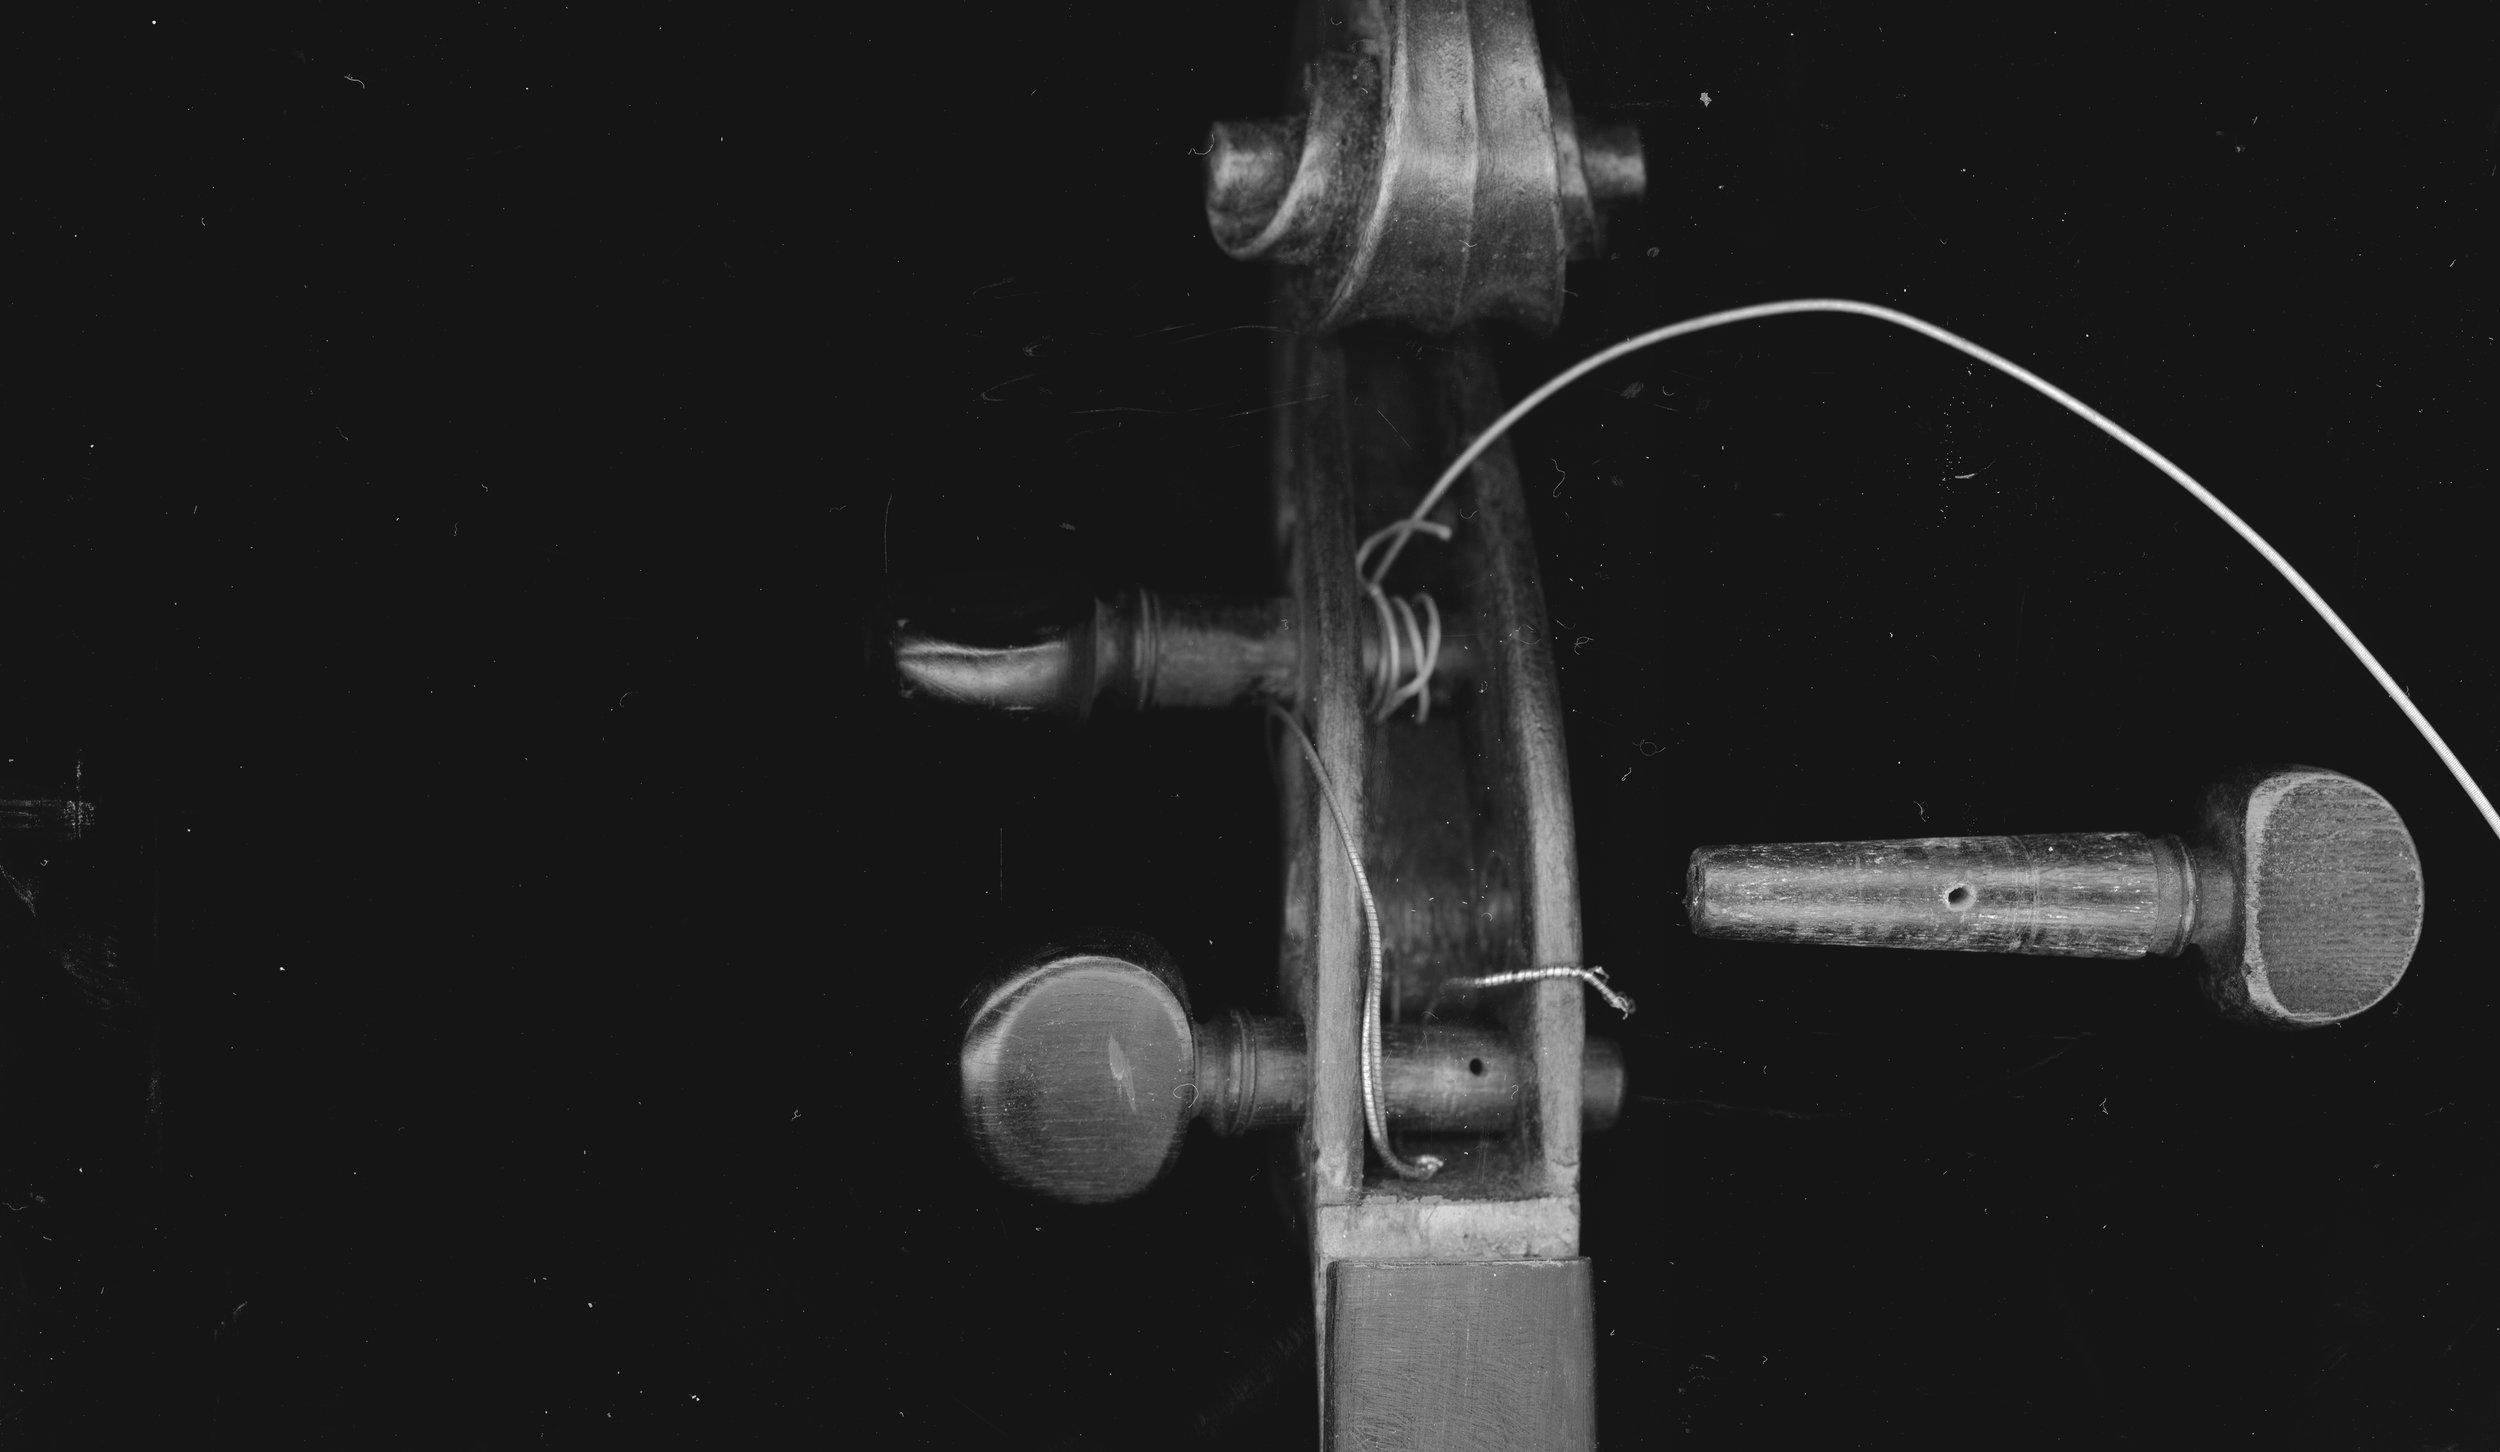 zielke_violinStudyII.jpg